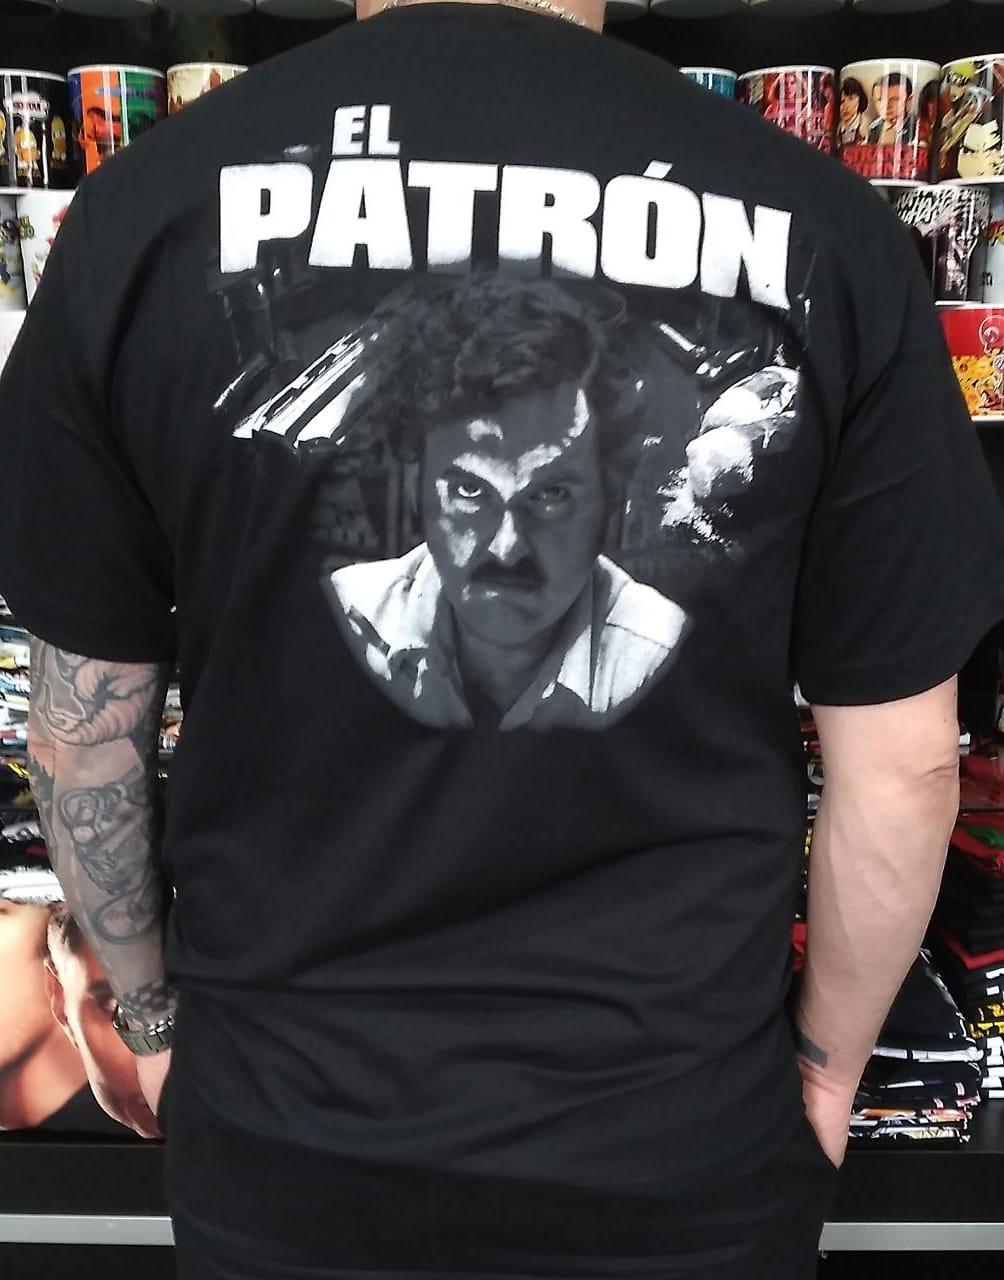 CAMISETA EL PATRON MASTER